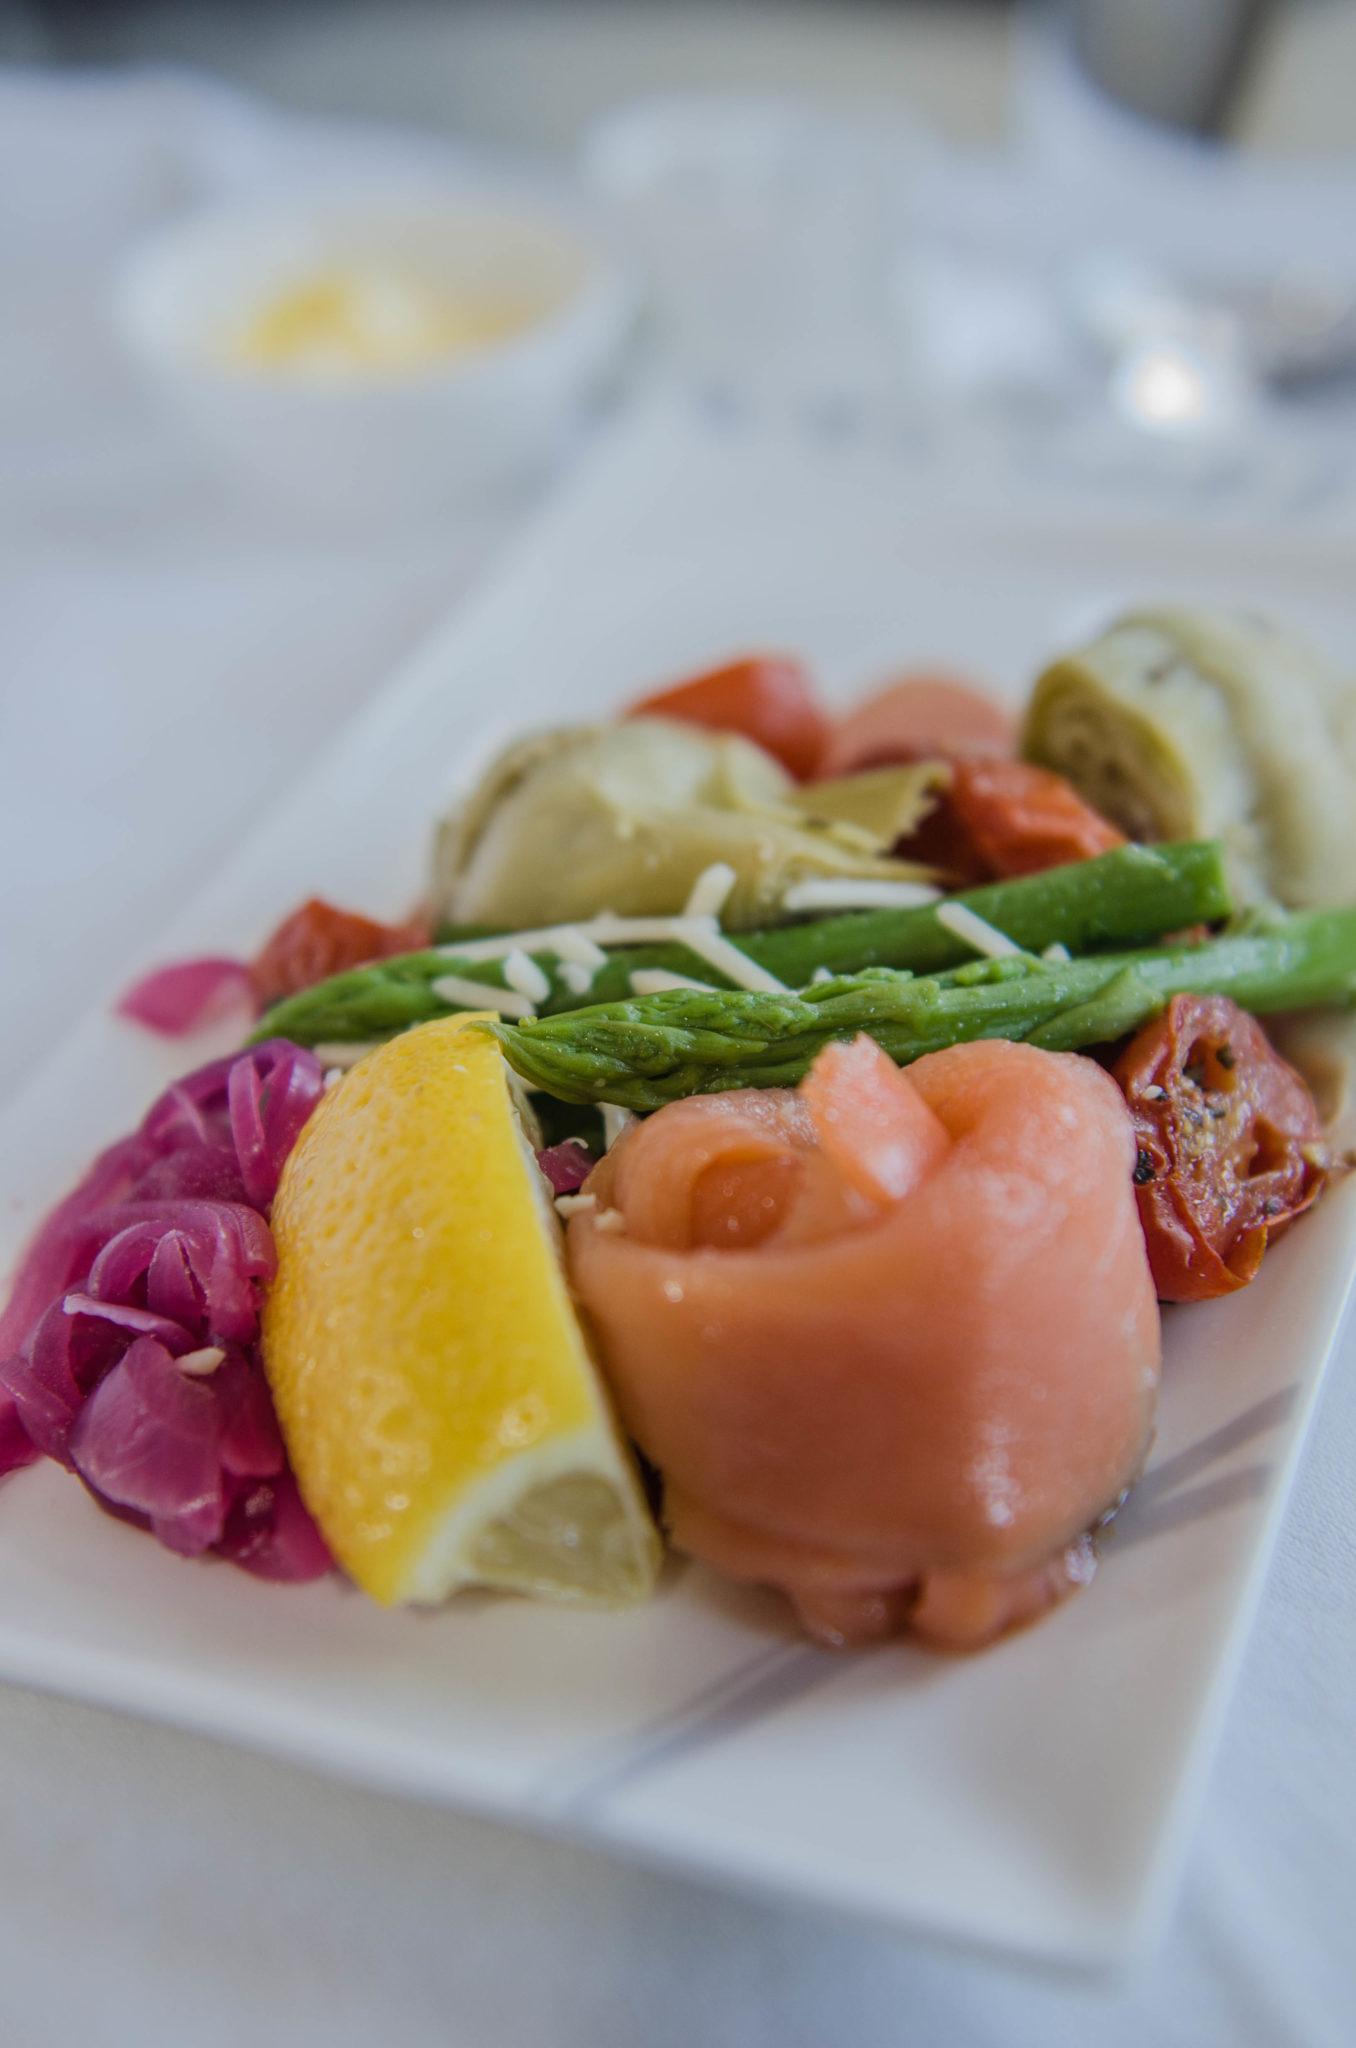 Frisch und lecker: Lachs in der Hainan Business Class